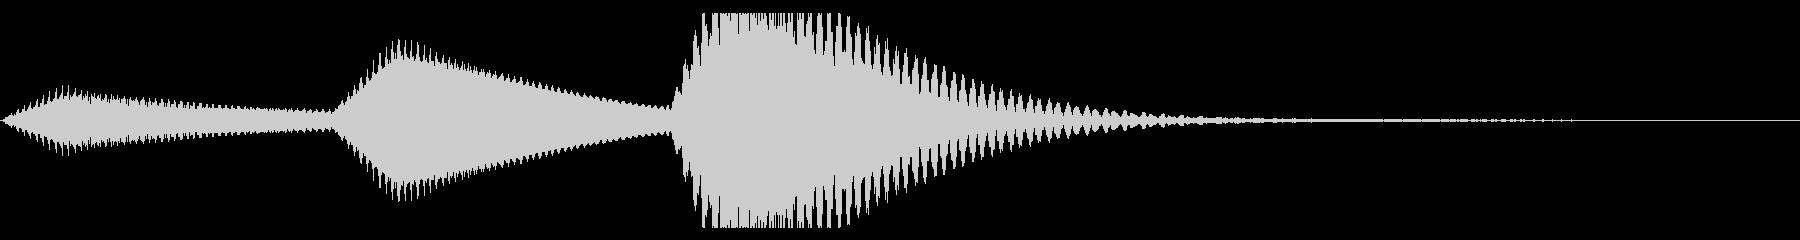 コンピューター、タブレット、または...の未再生の波形